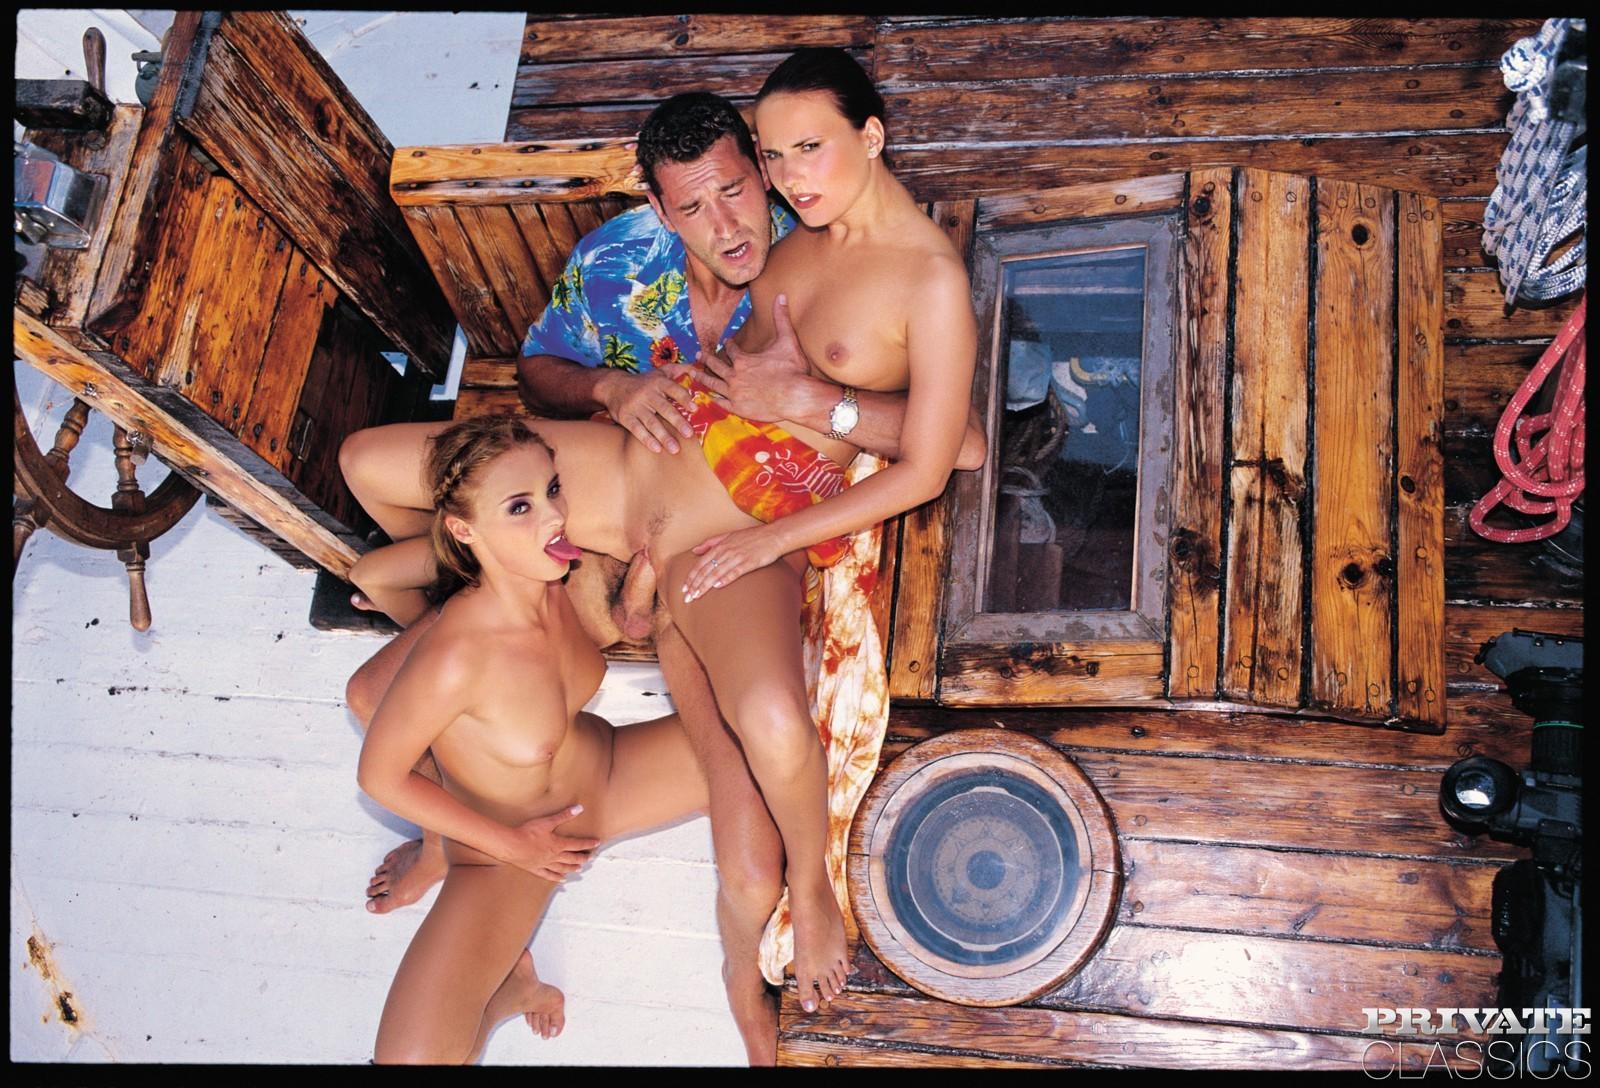 Claudia Rossi, Maya Gold, Maja Gold - Ретро - Порно галерея № 3506653